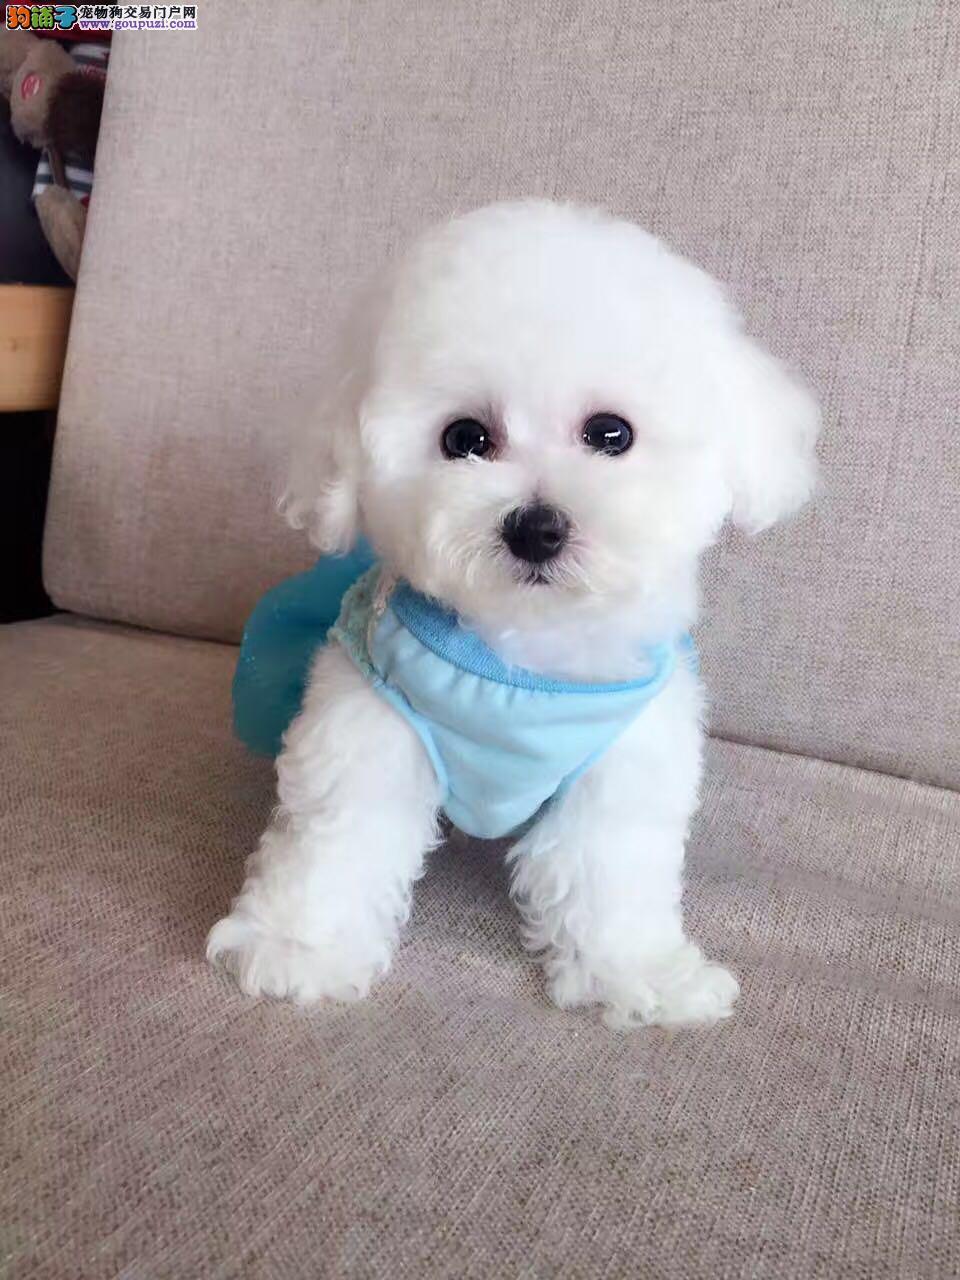 大型犬舍热销韩系成都泰迪犬 血统绝对纯正可办理证书